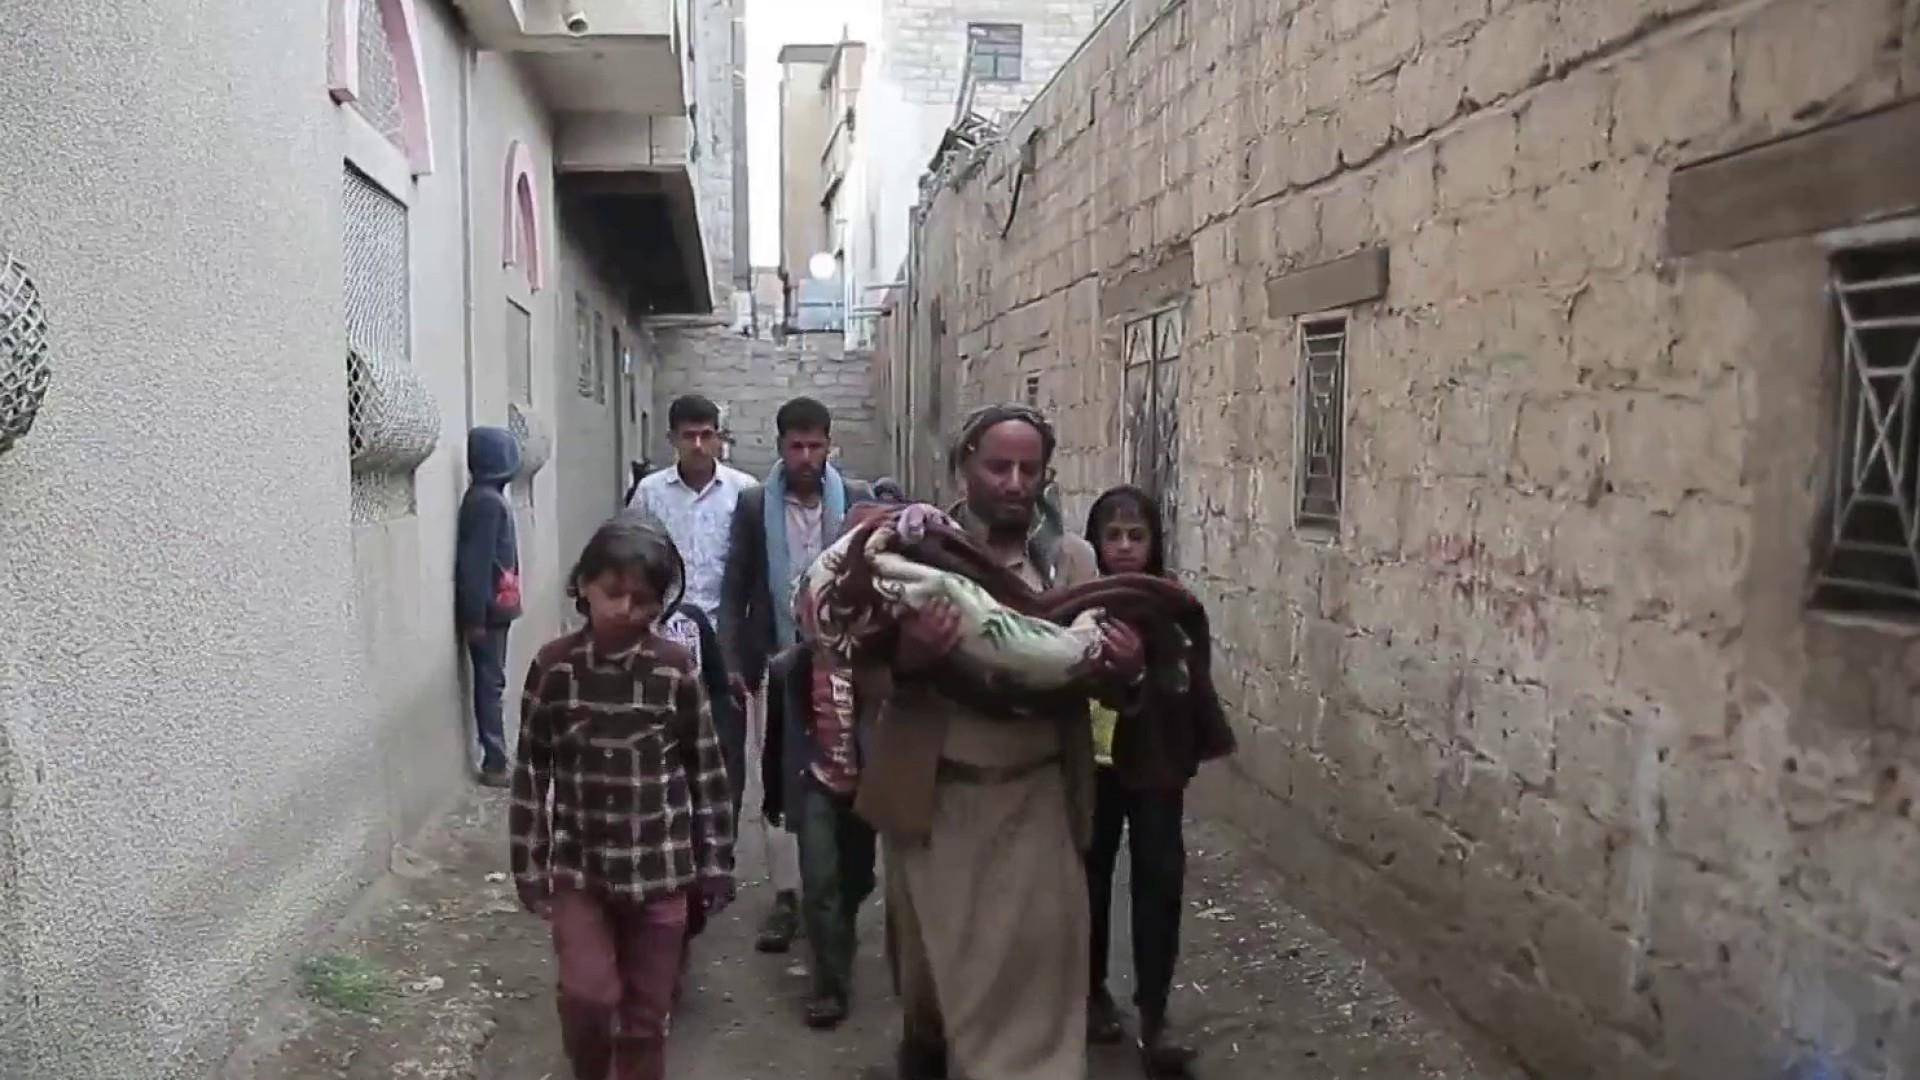 children suffer as war famine devastate yemen